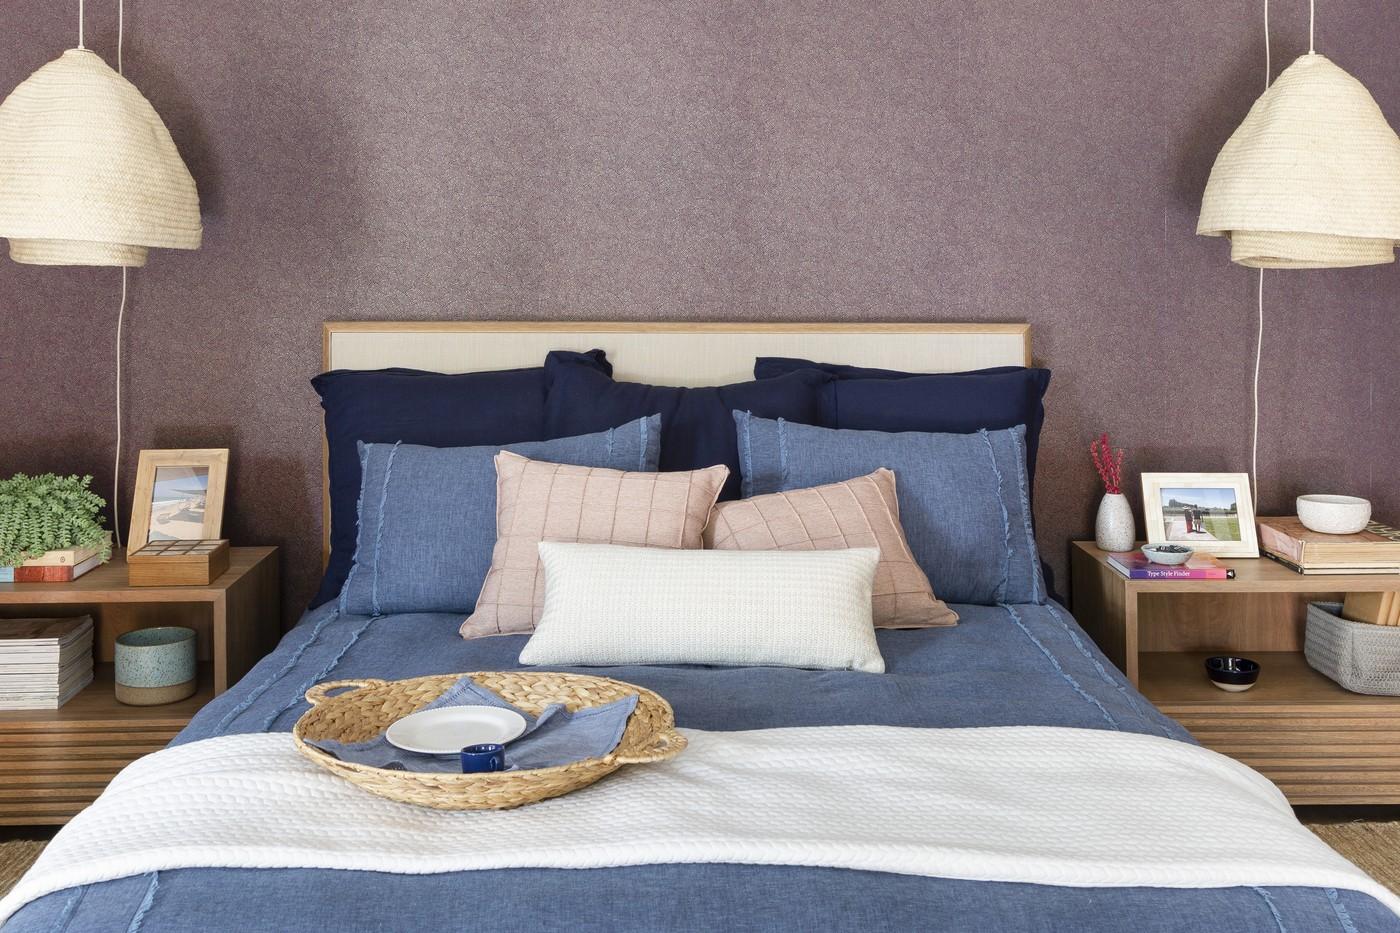 Décor do dia: quarto com papel de parede vinho e cabeceira de palhinha (Foto: Divulgação)